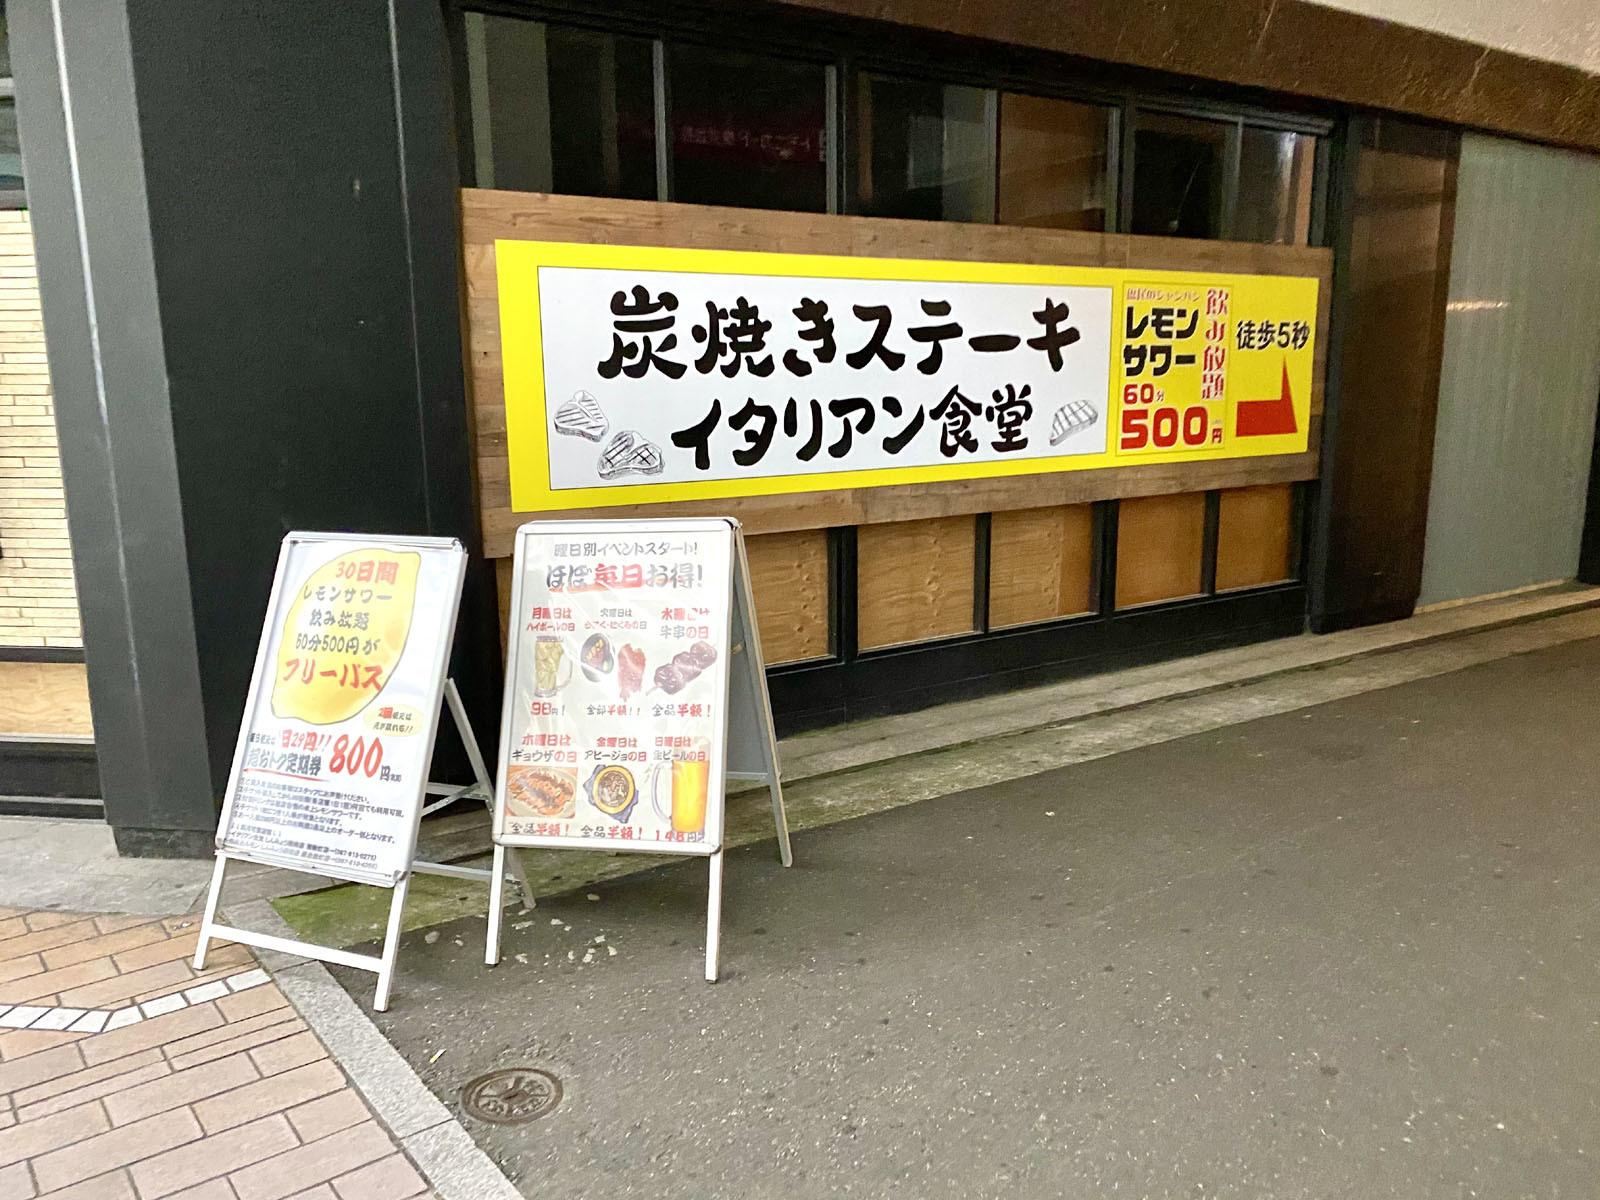 しんみょう精肉店 商店街沿い案内看板